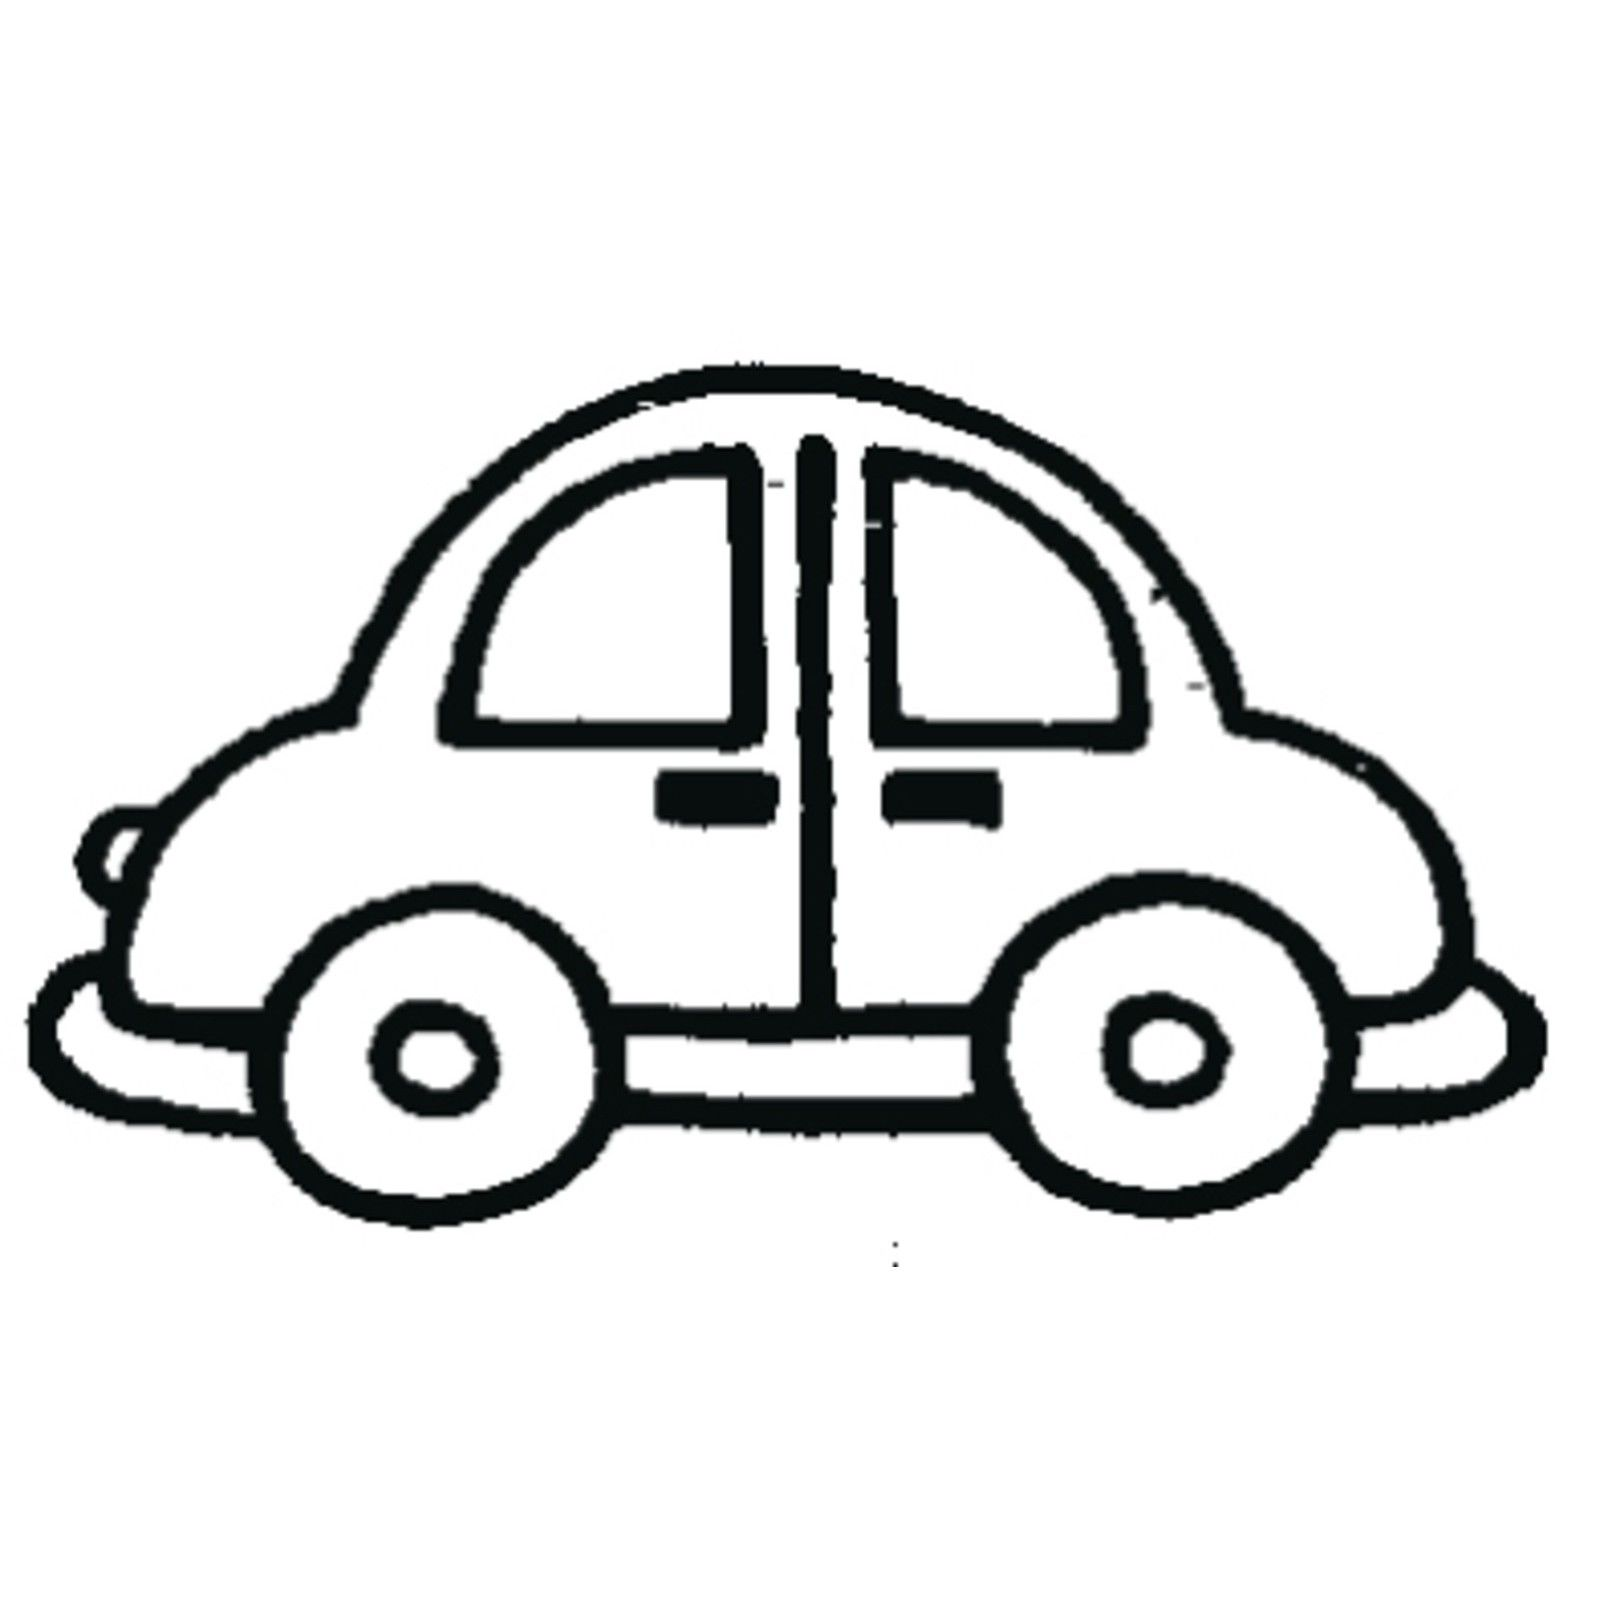 Afbeeldingsresultaat Voor Kleurplaat Auto Peuter Symbolen Stempelen Kleurplaten